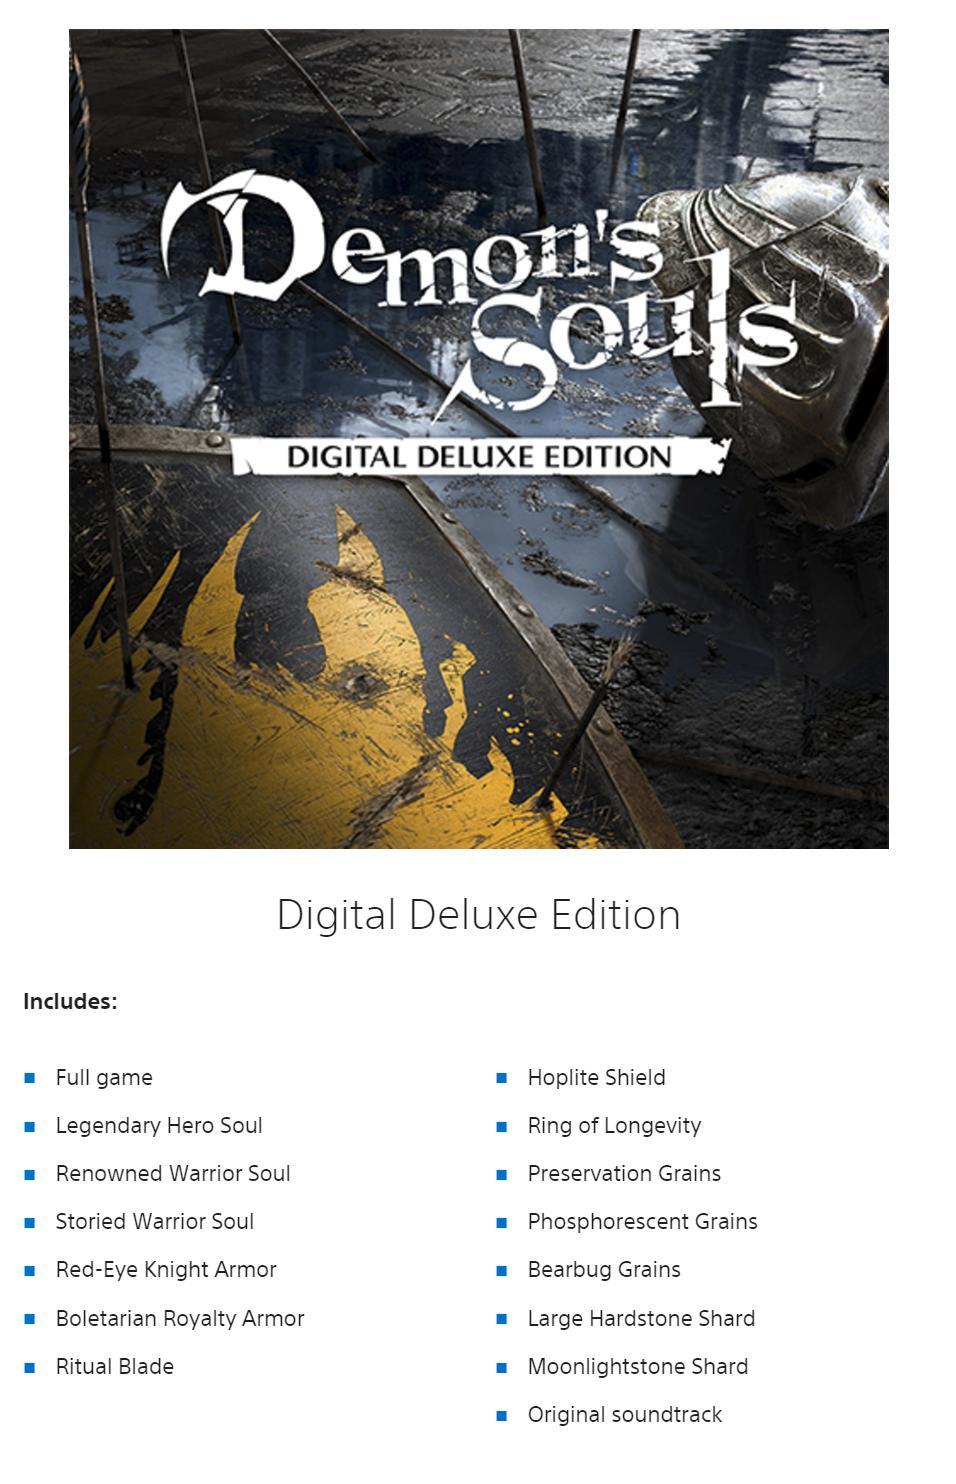 《恶魔之魂:重制版》新截图公开 数字豪华版可以开启预购了截图